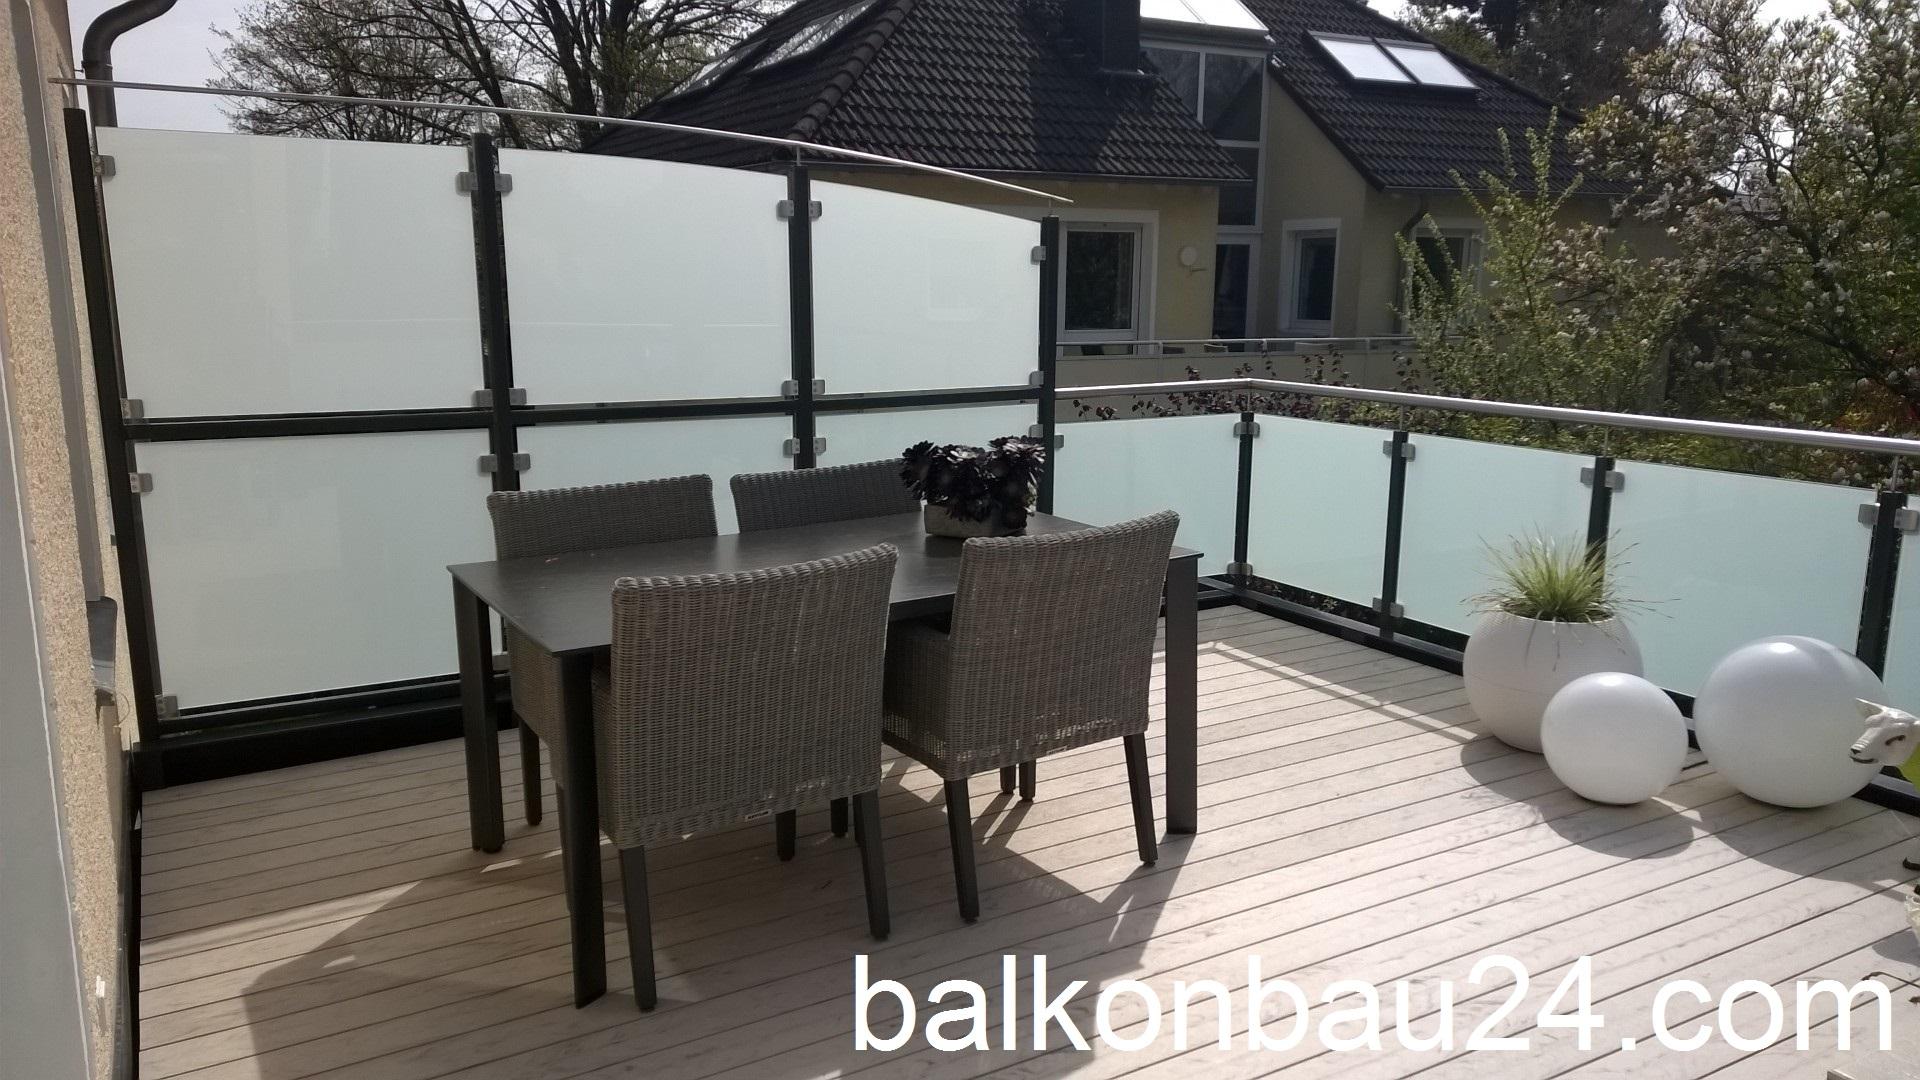 Balkonbau24 Com